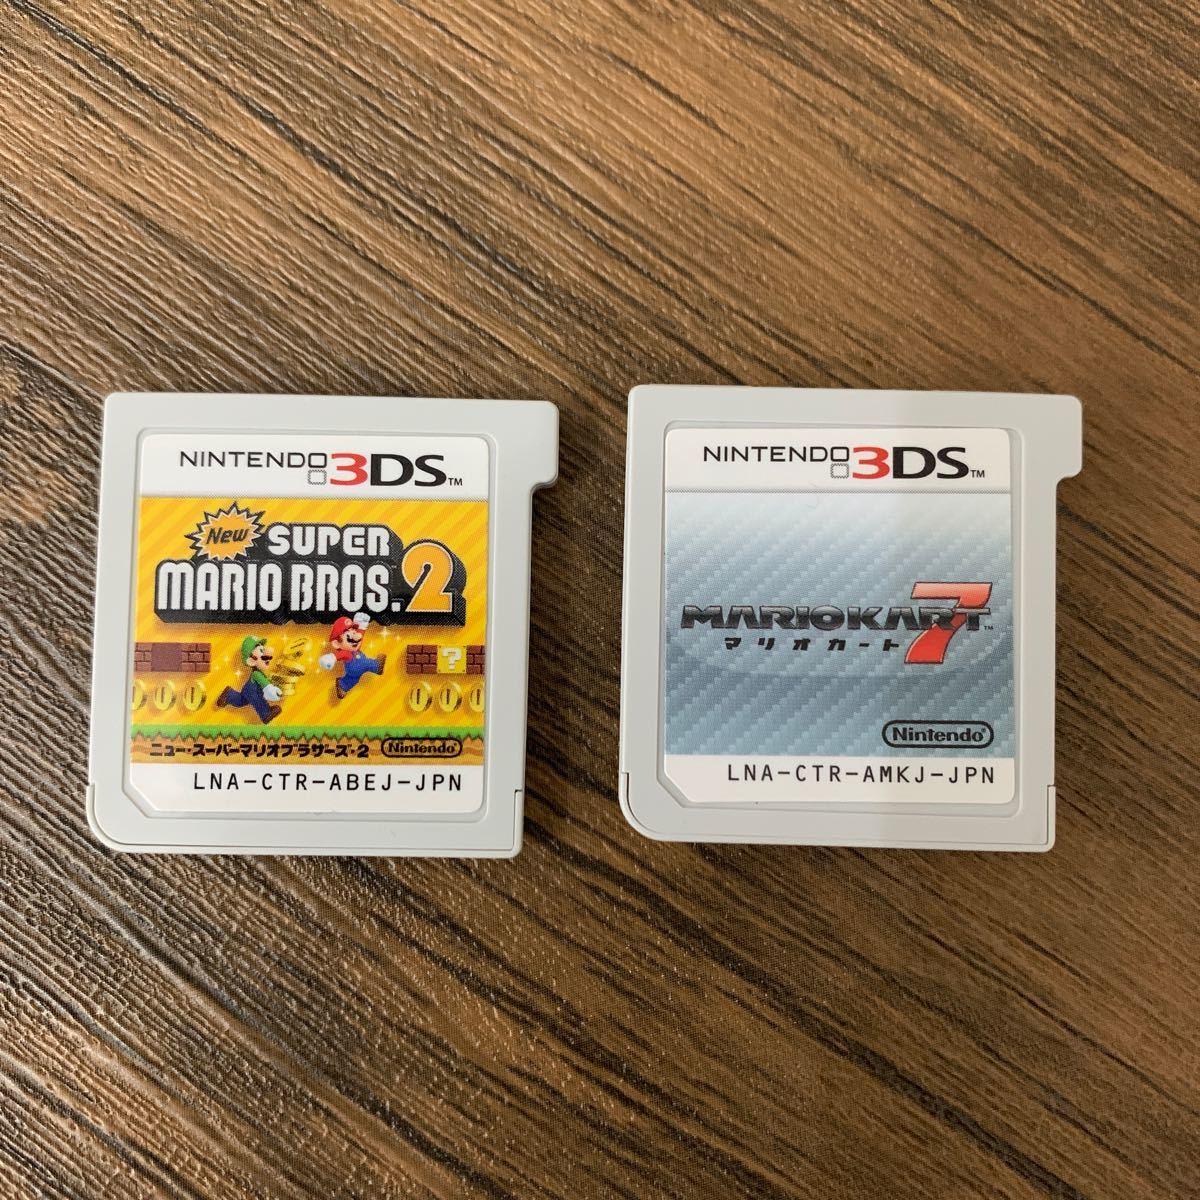 マリオカート7 スーパーマリオブラザーズ2 3DSソフト